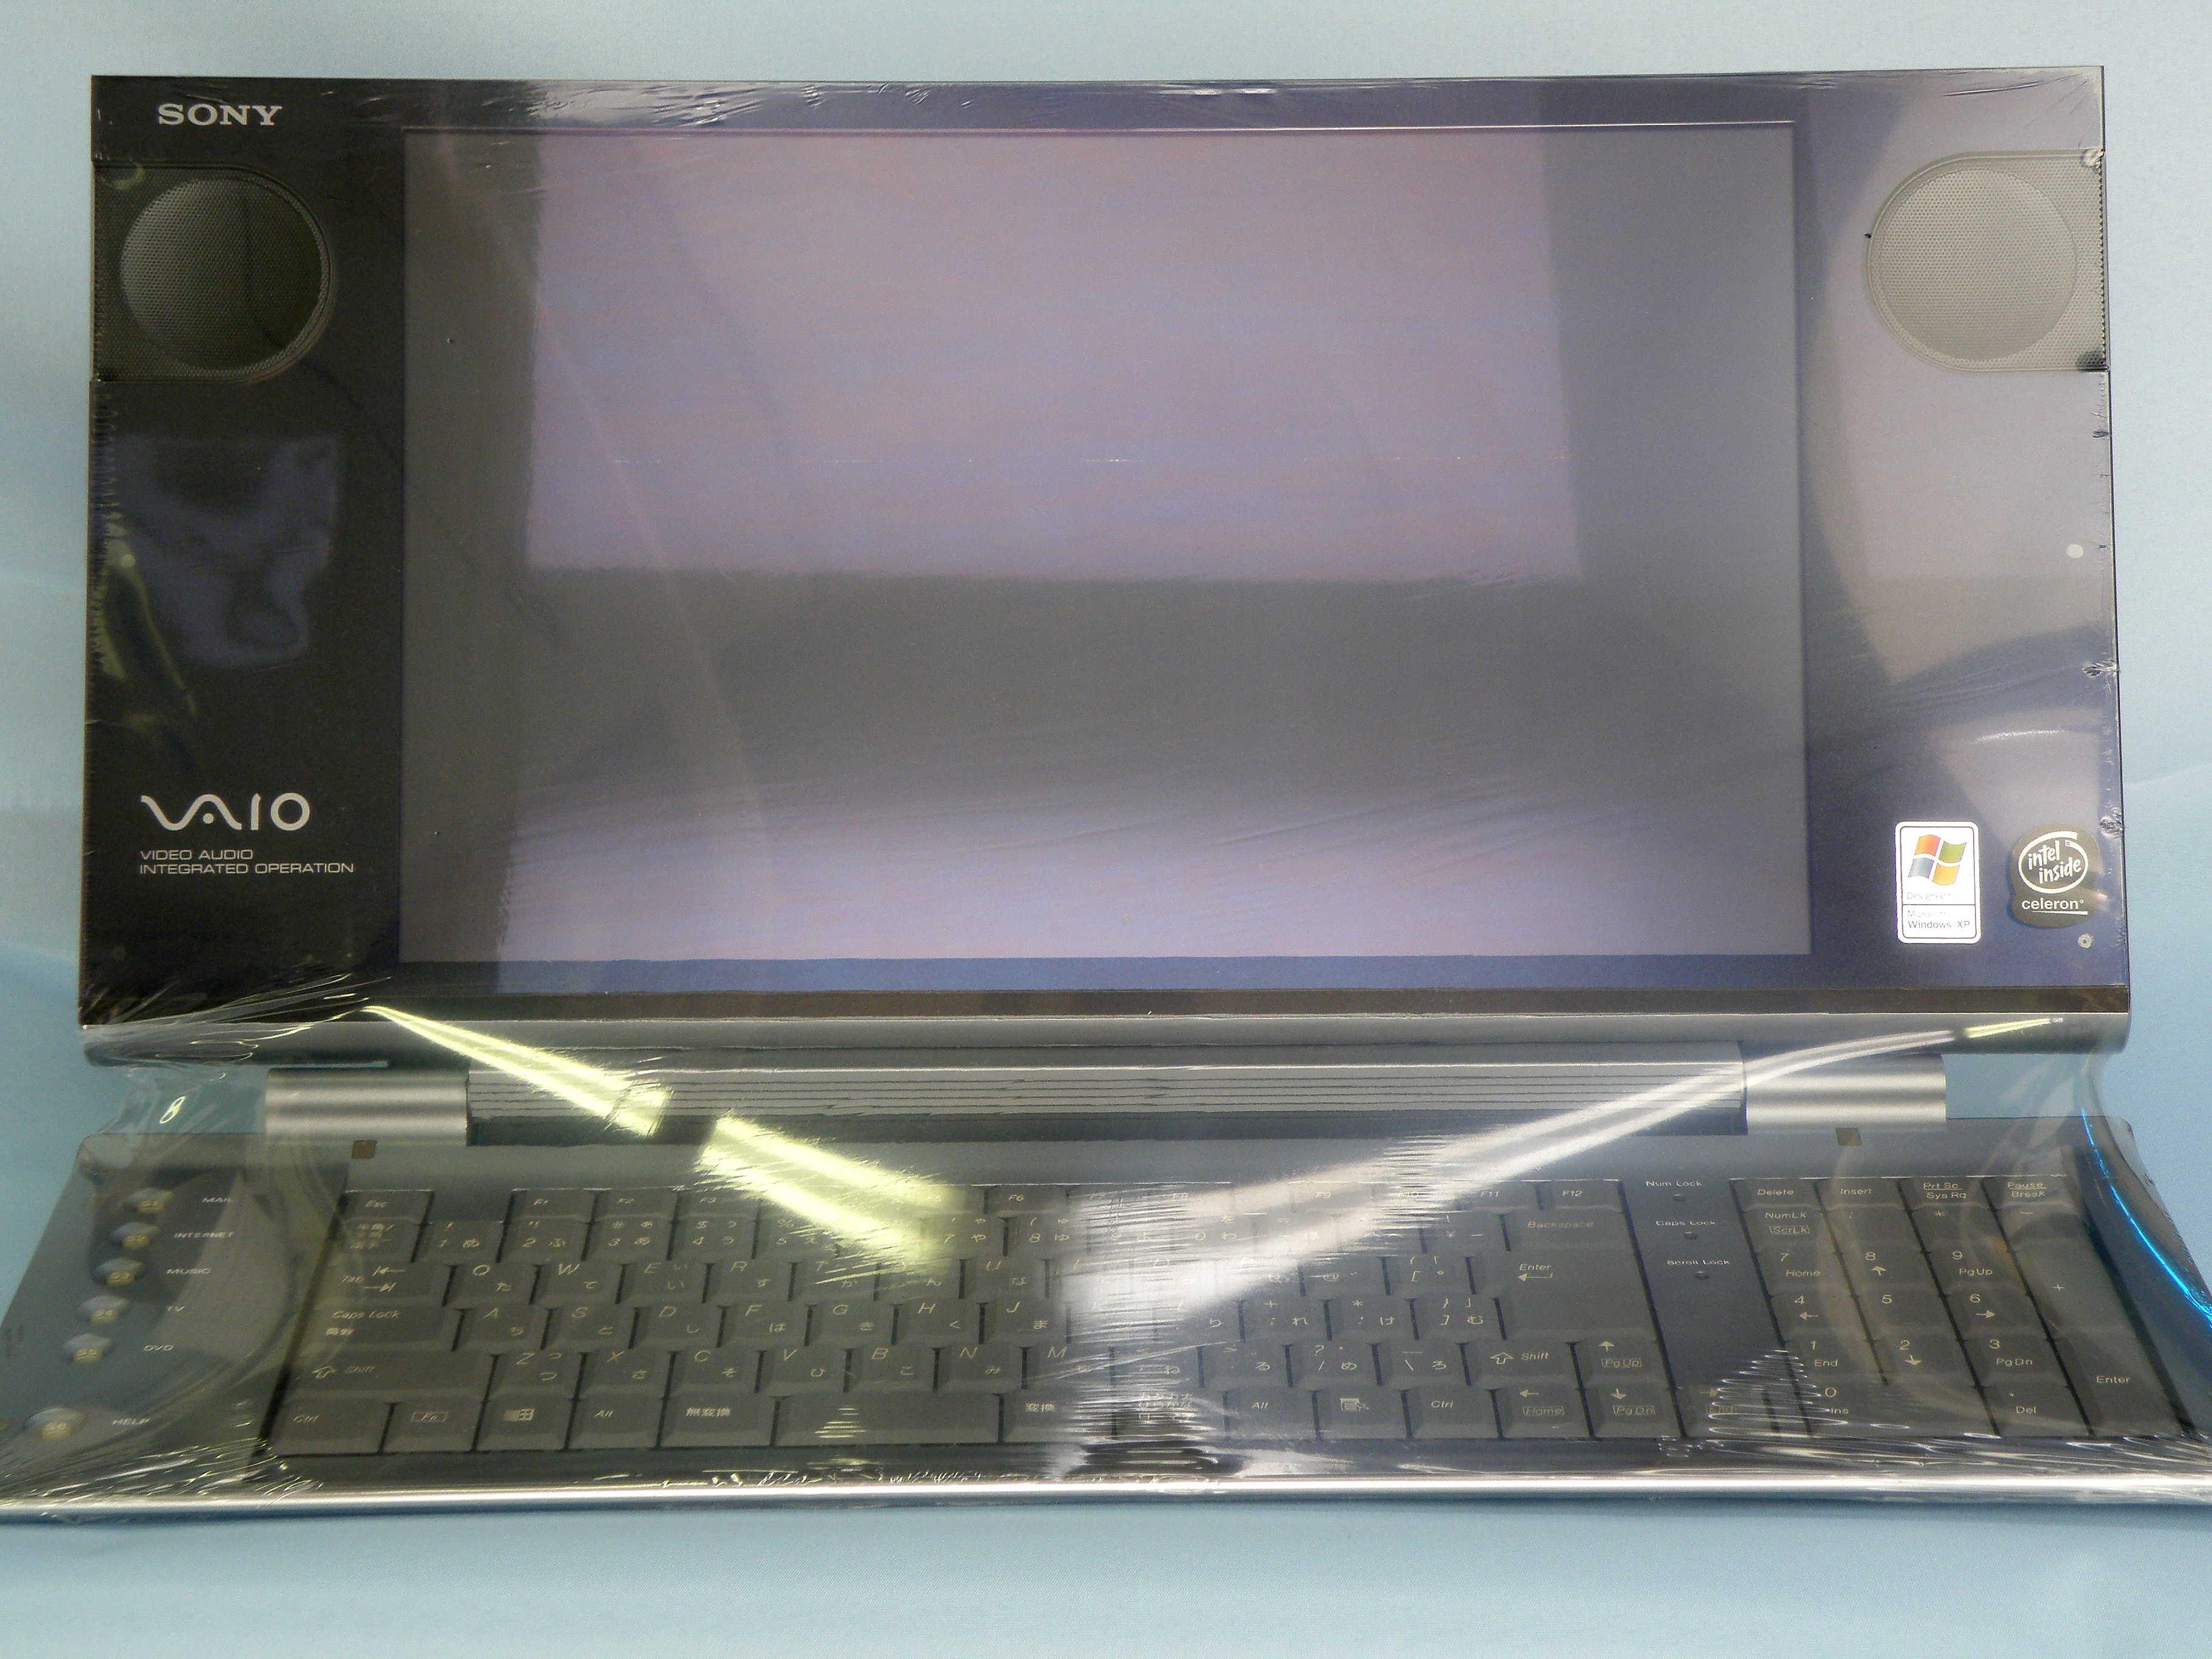 SONY 一体型パソコン VAIO PCV-W101